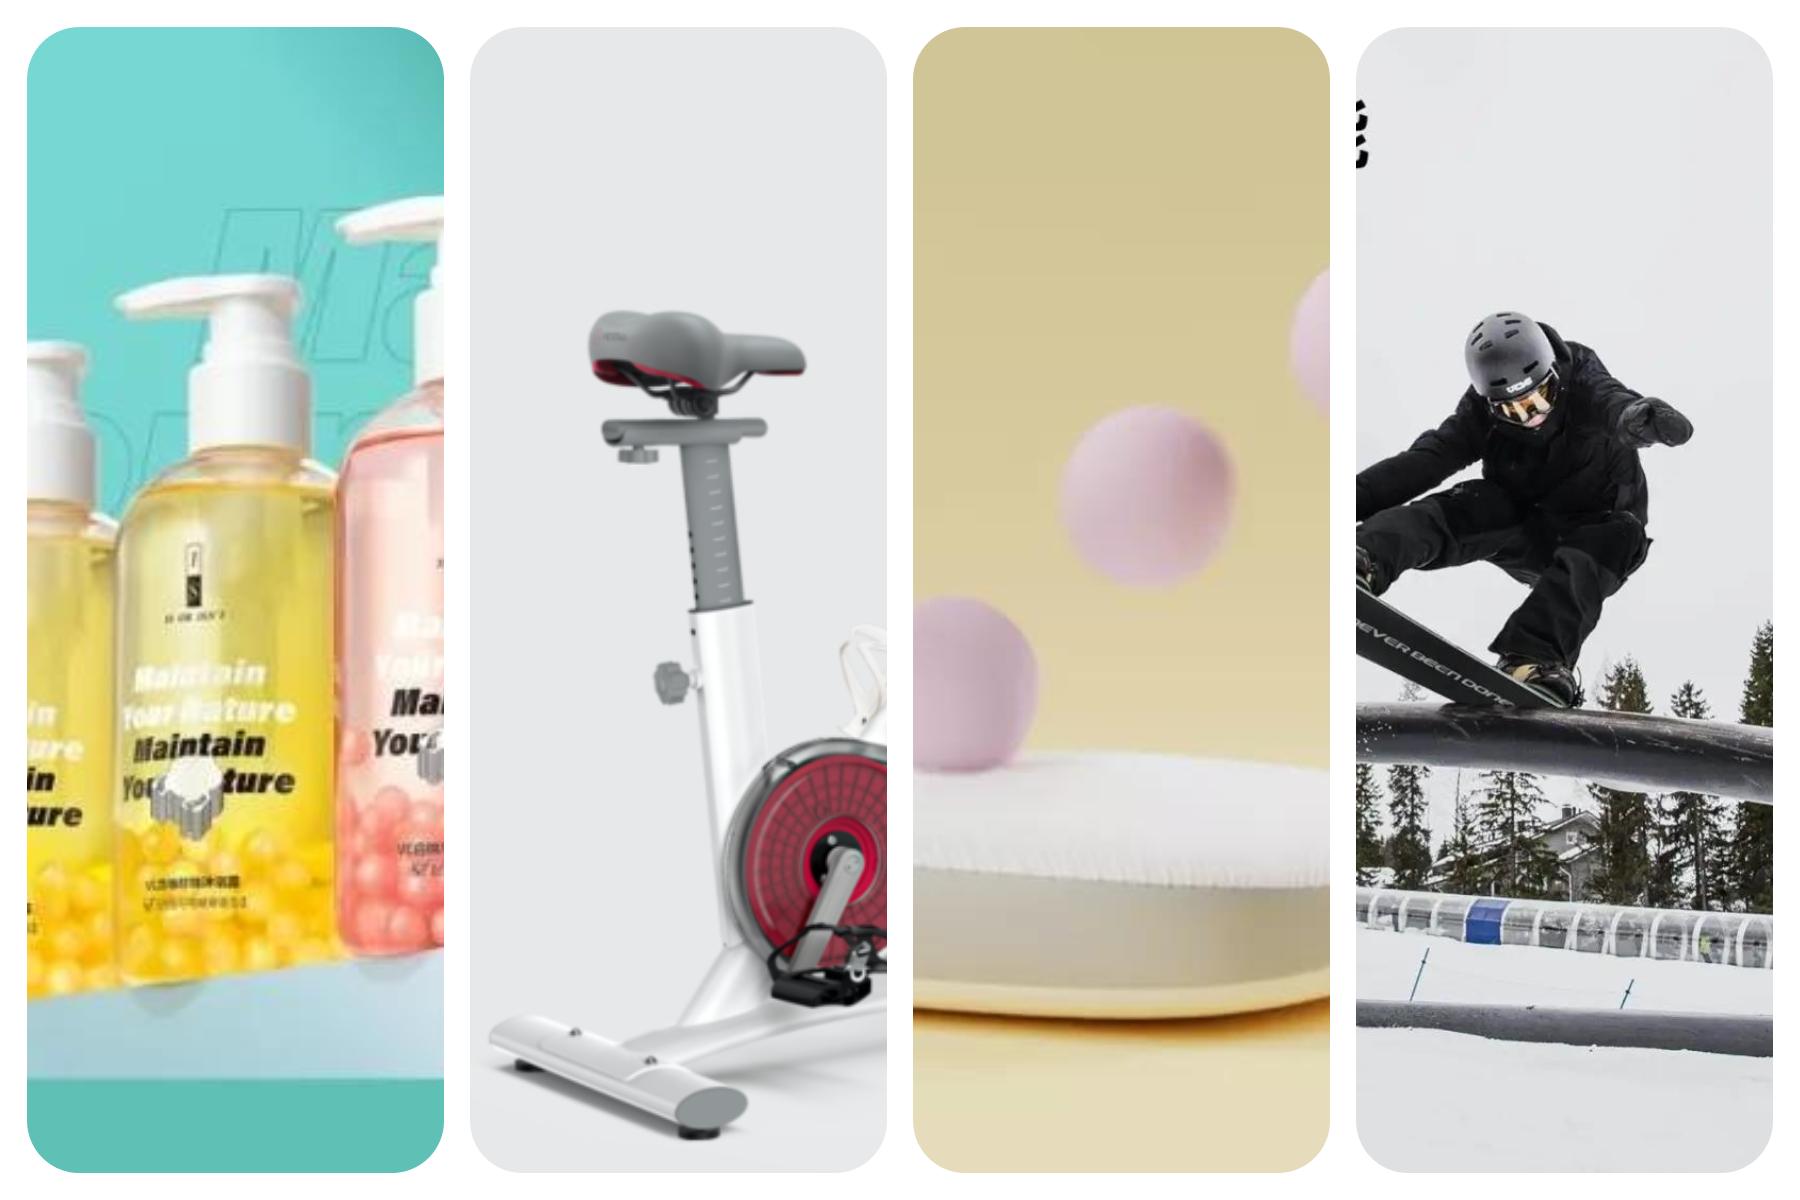 【华丽中国投资周报】2021年第38期:6家中国时尚消费企业完成新一轮融资